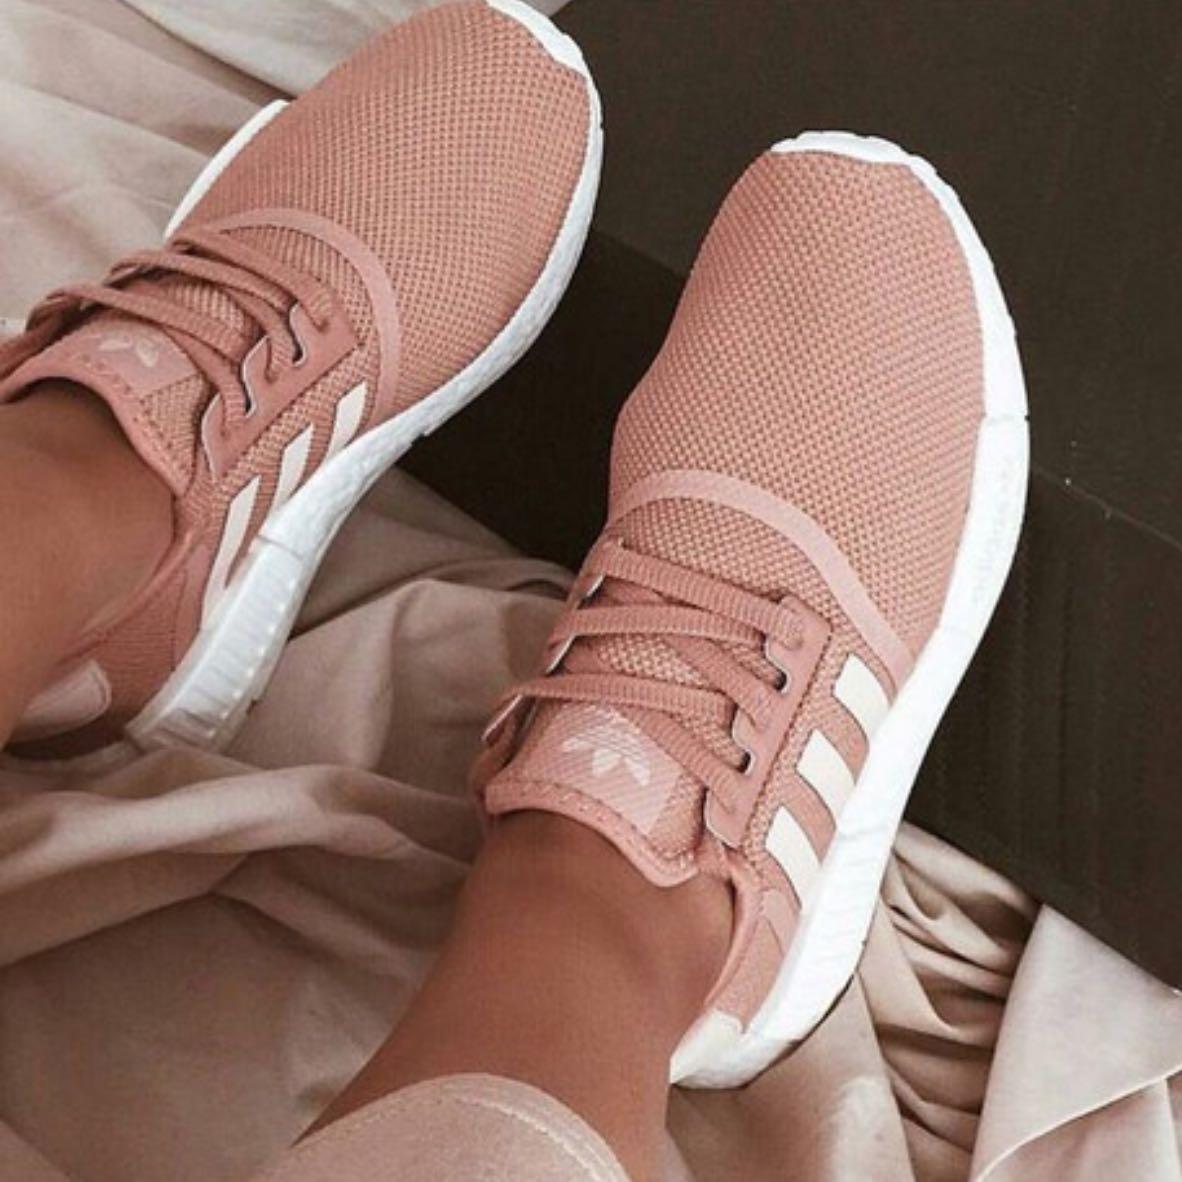 Adidas nmd r1 in raw pink? (Schuhe, Fashion)